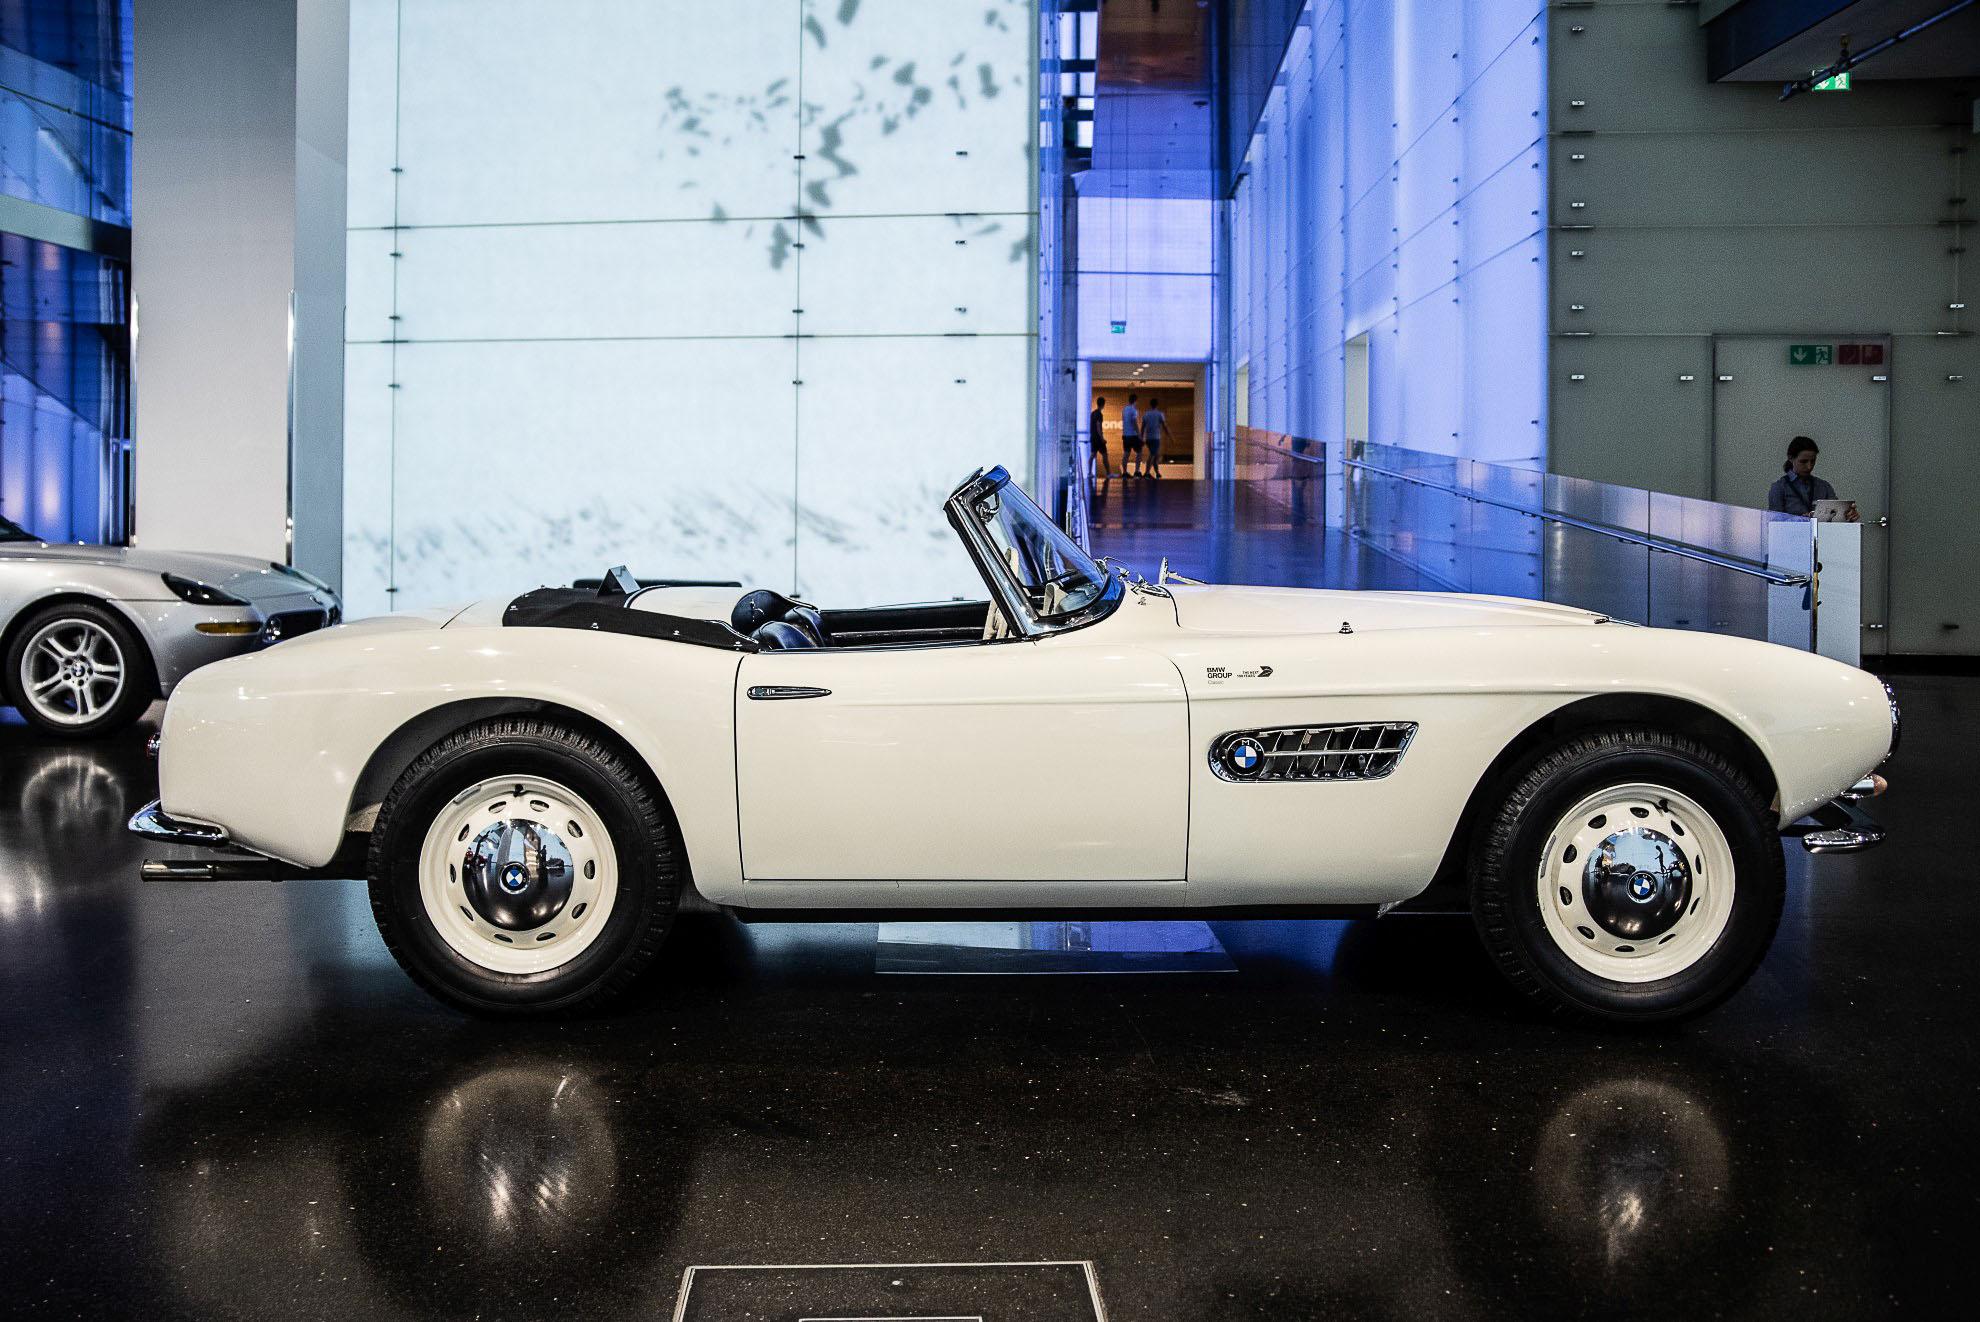 BMW 507 i BMW Z8 w Muzeum BMW w Monachium